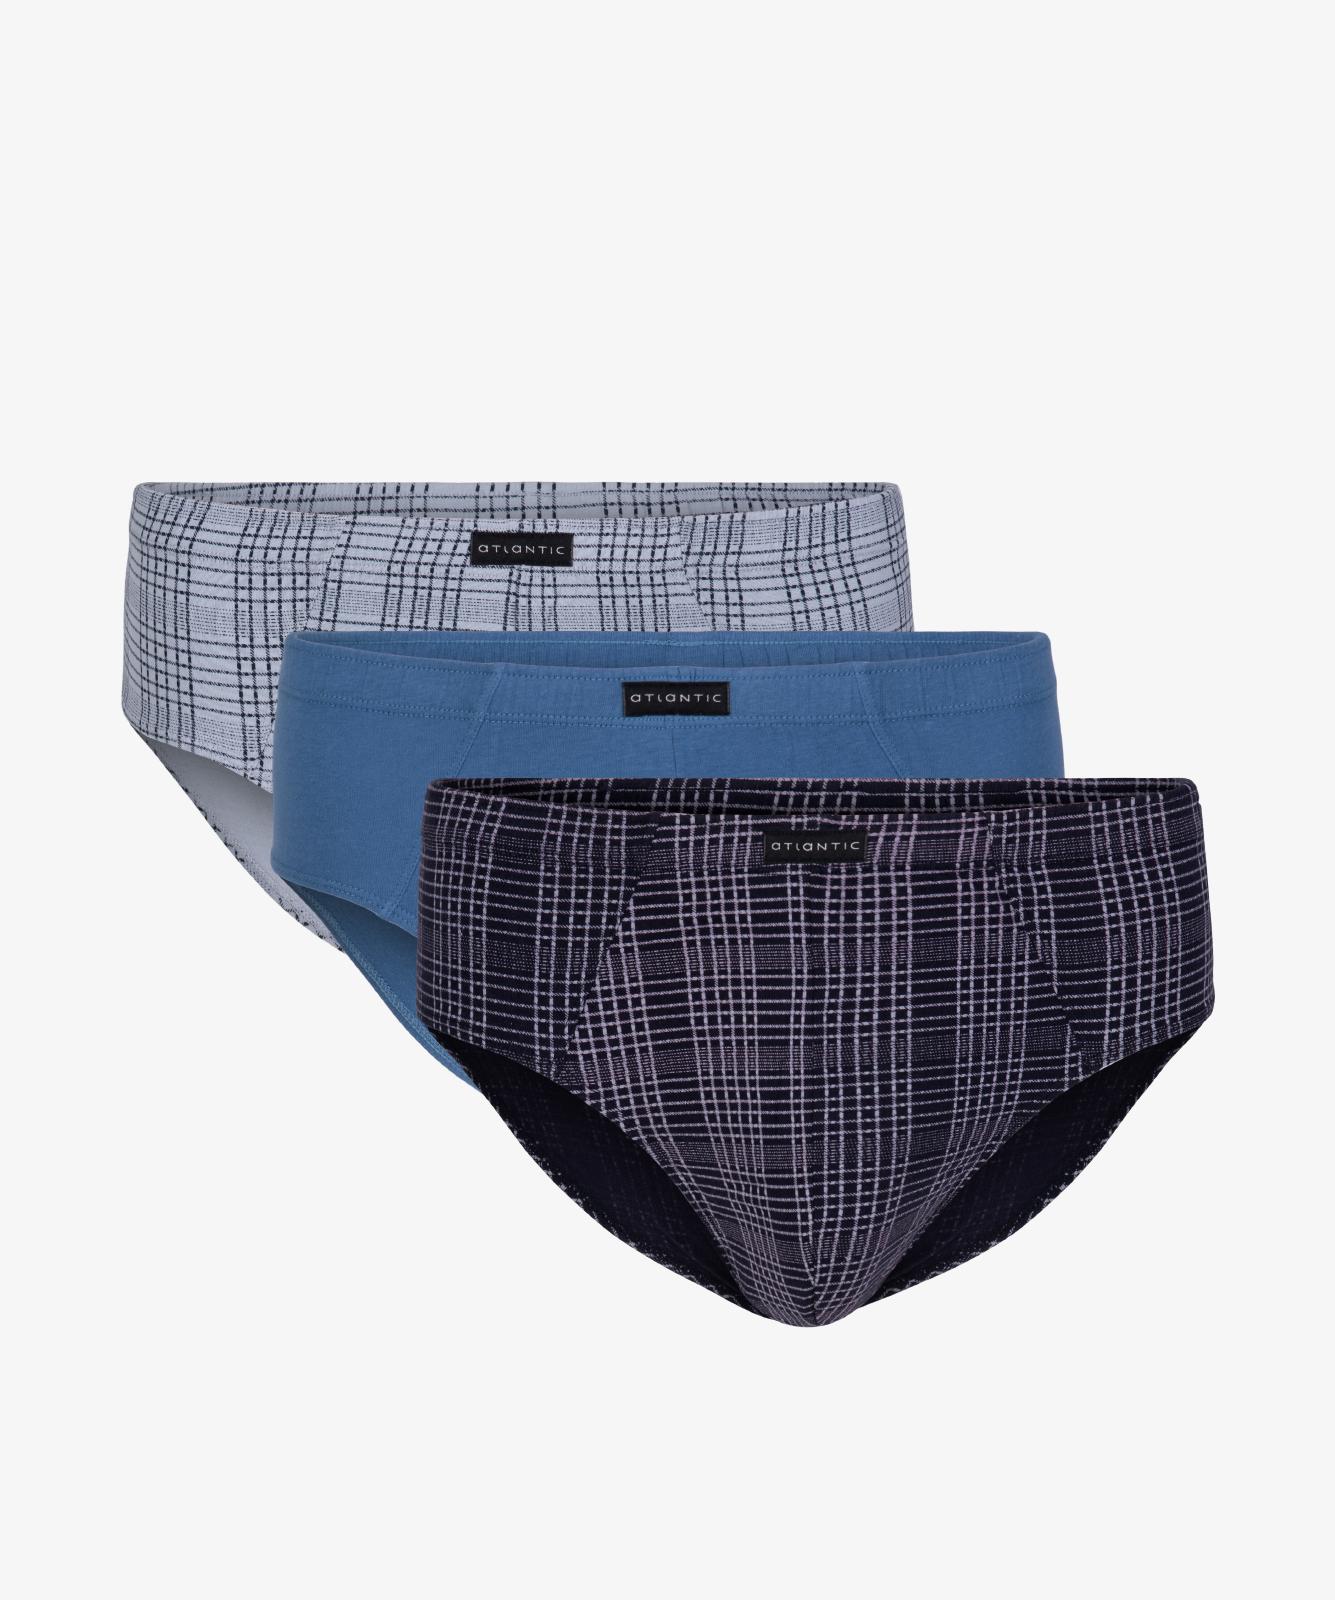 Мужские трусы слипы классика Atlantic, набор 3 шт., хлопок, серые + деним + темно-синие, 3MP-087